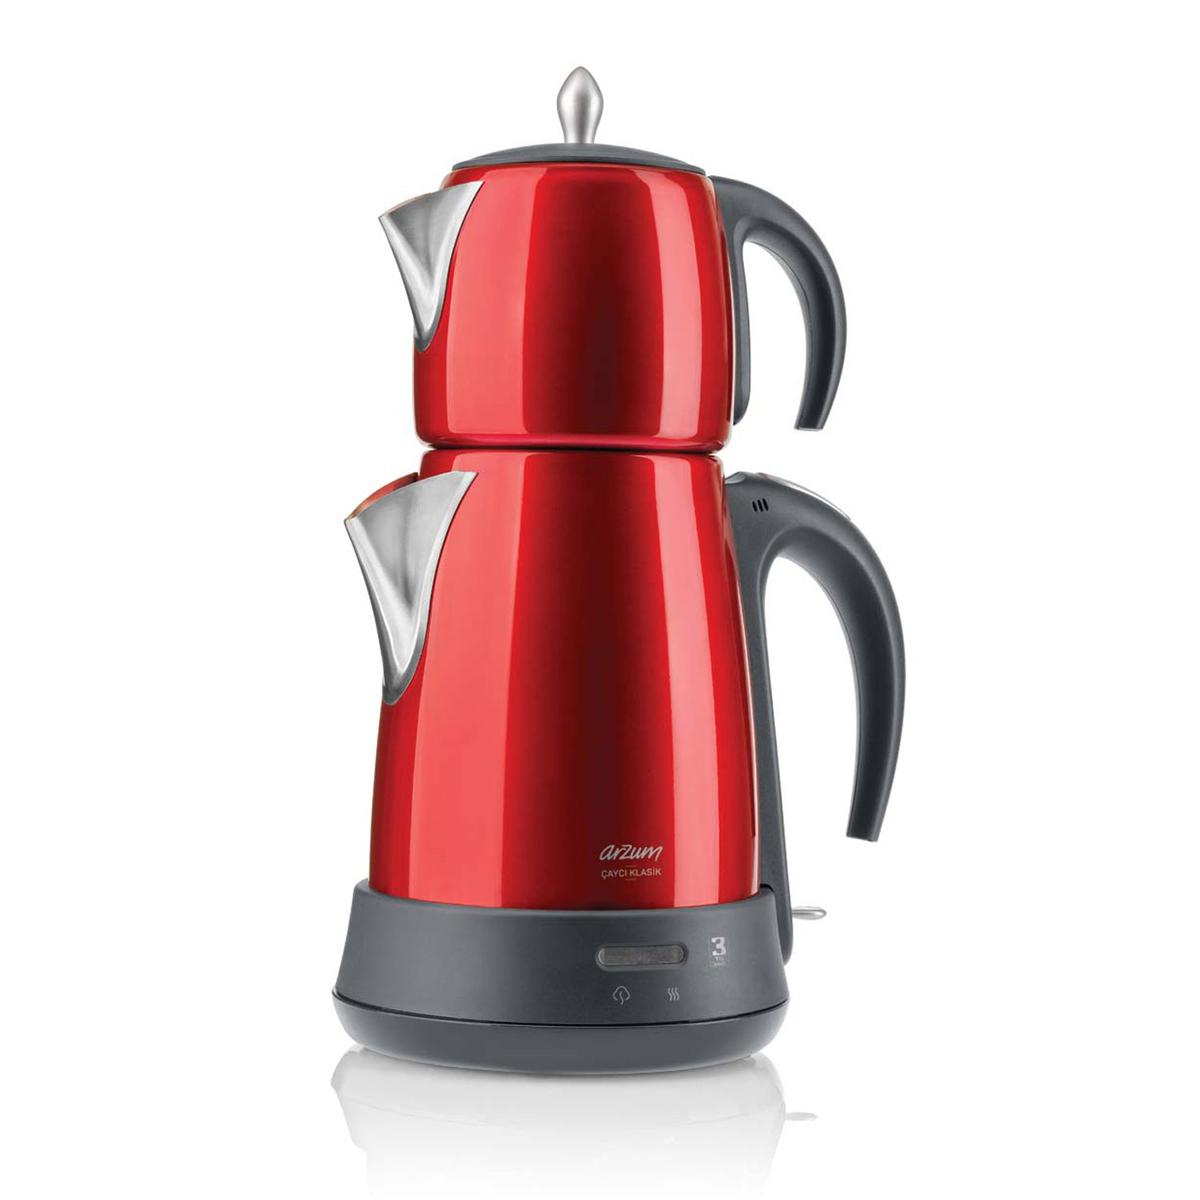 Arzum AR3006 Çaycı Klasik Çay Makinesi - Nar